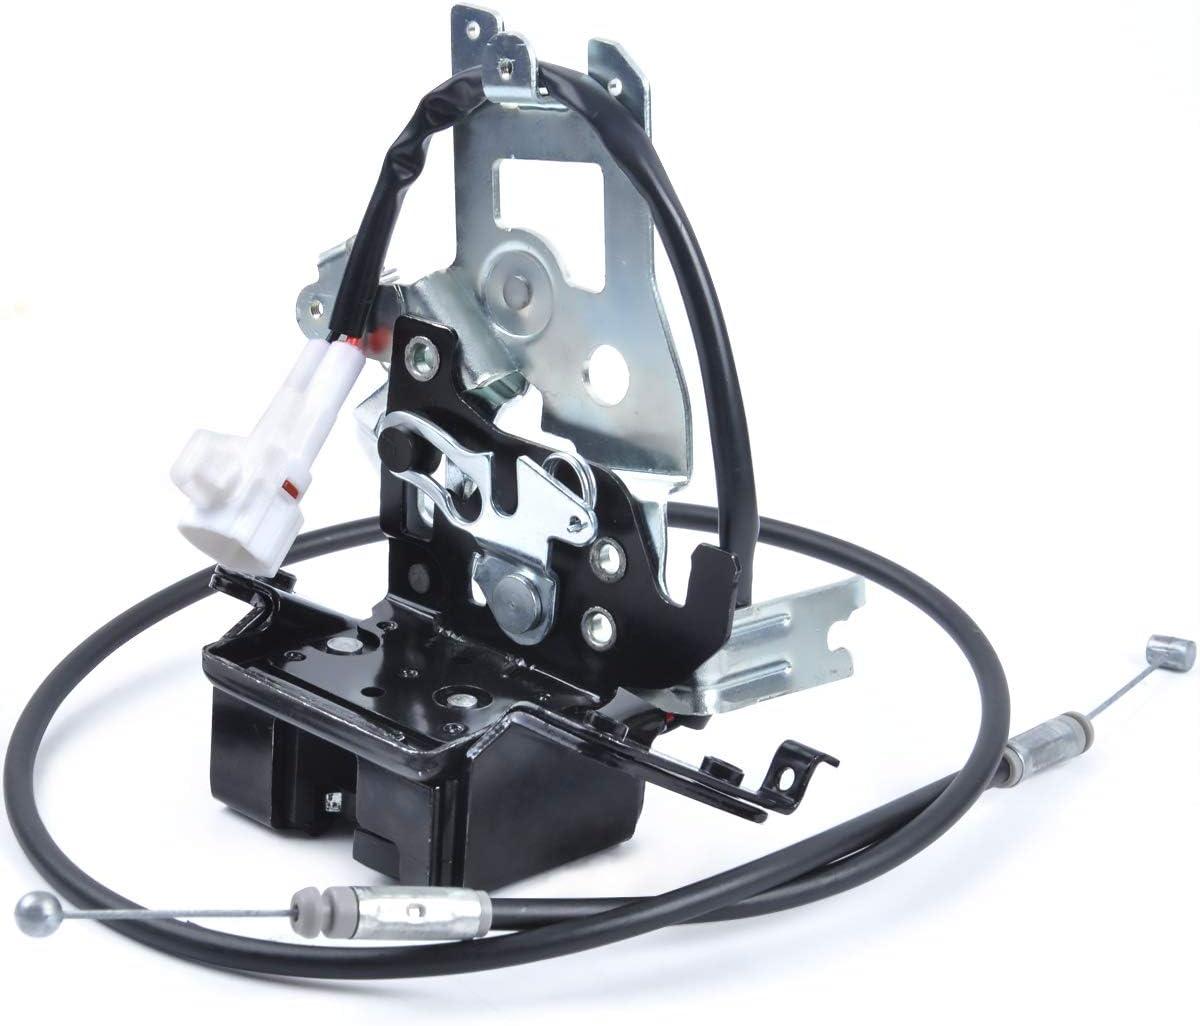 Liftgate Lock Actuator Fits 01-07 Toyota Sequoia,746-848